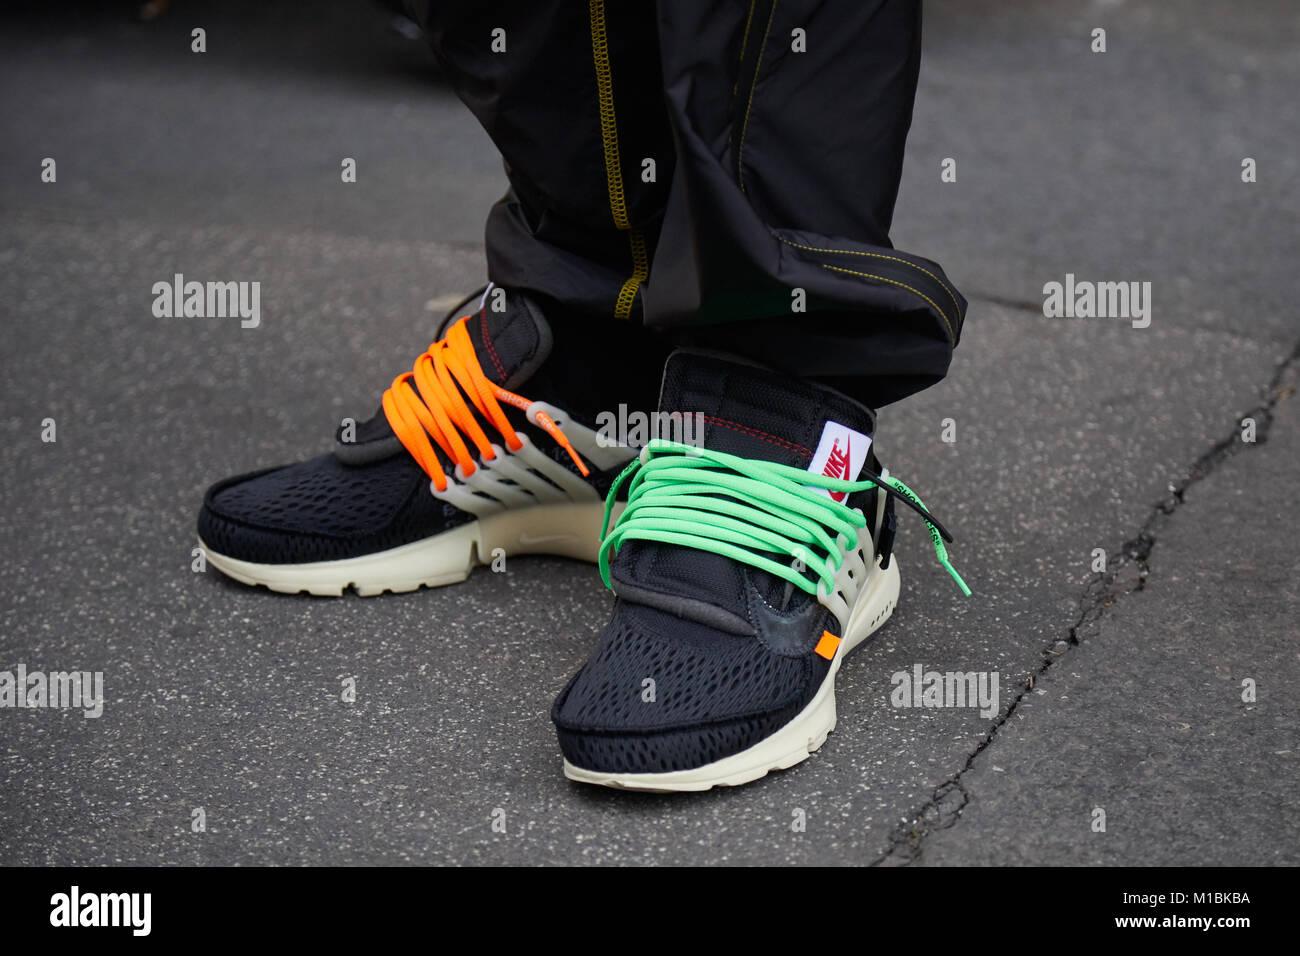 b03594716 Milán - 15 de enero  el hombre con zapatillas Nike negras con naranja y  verde los cordones antes de representar el Fashion Show